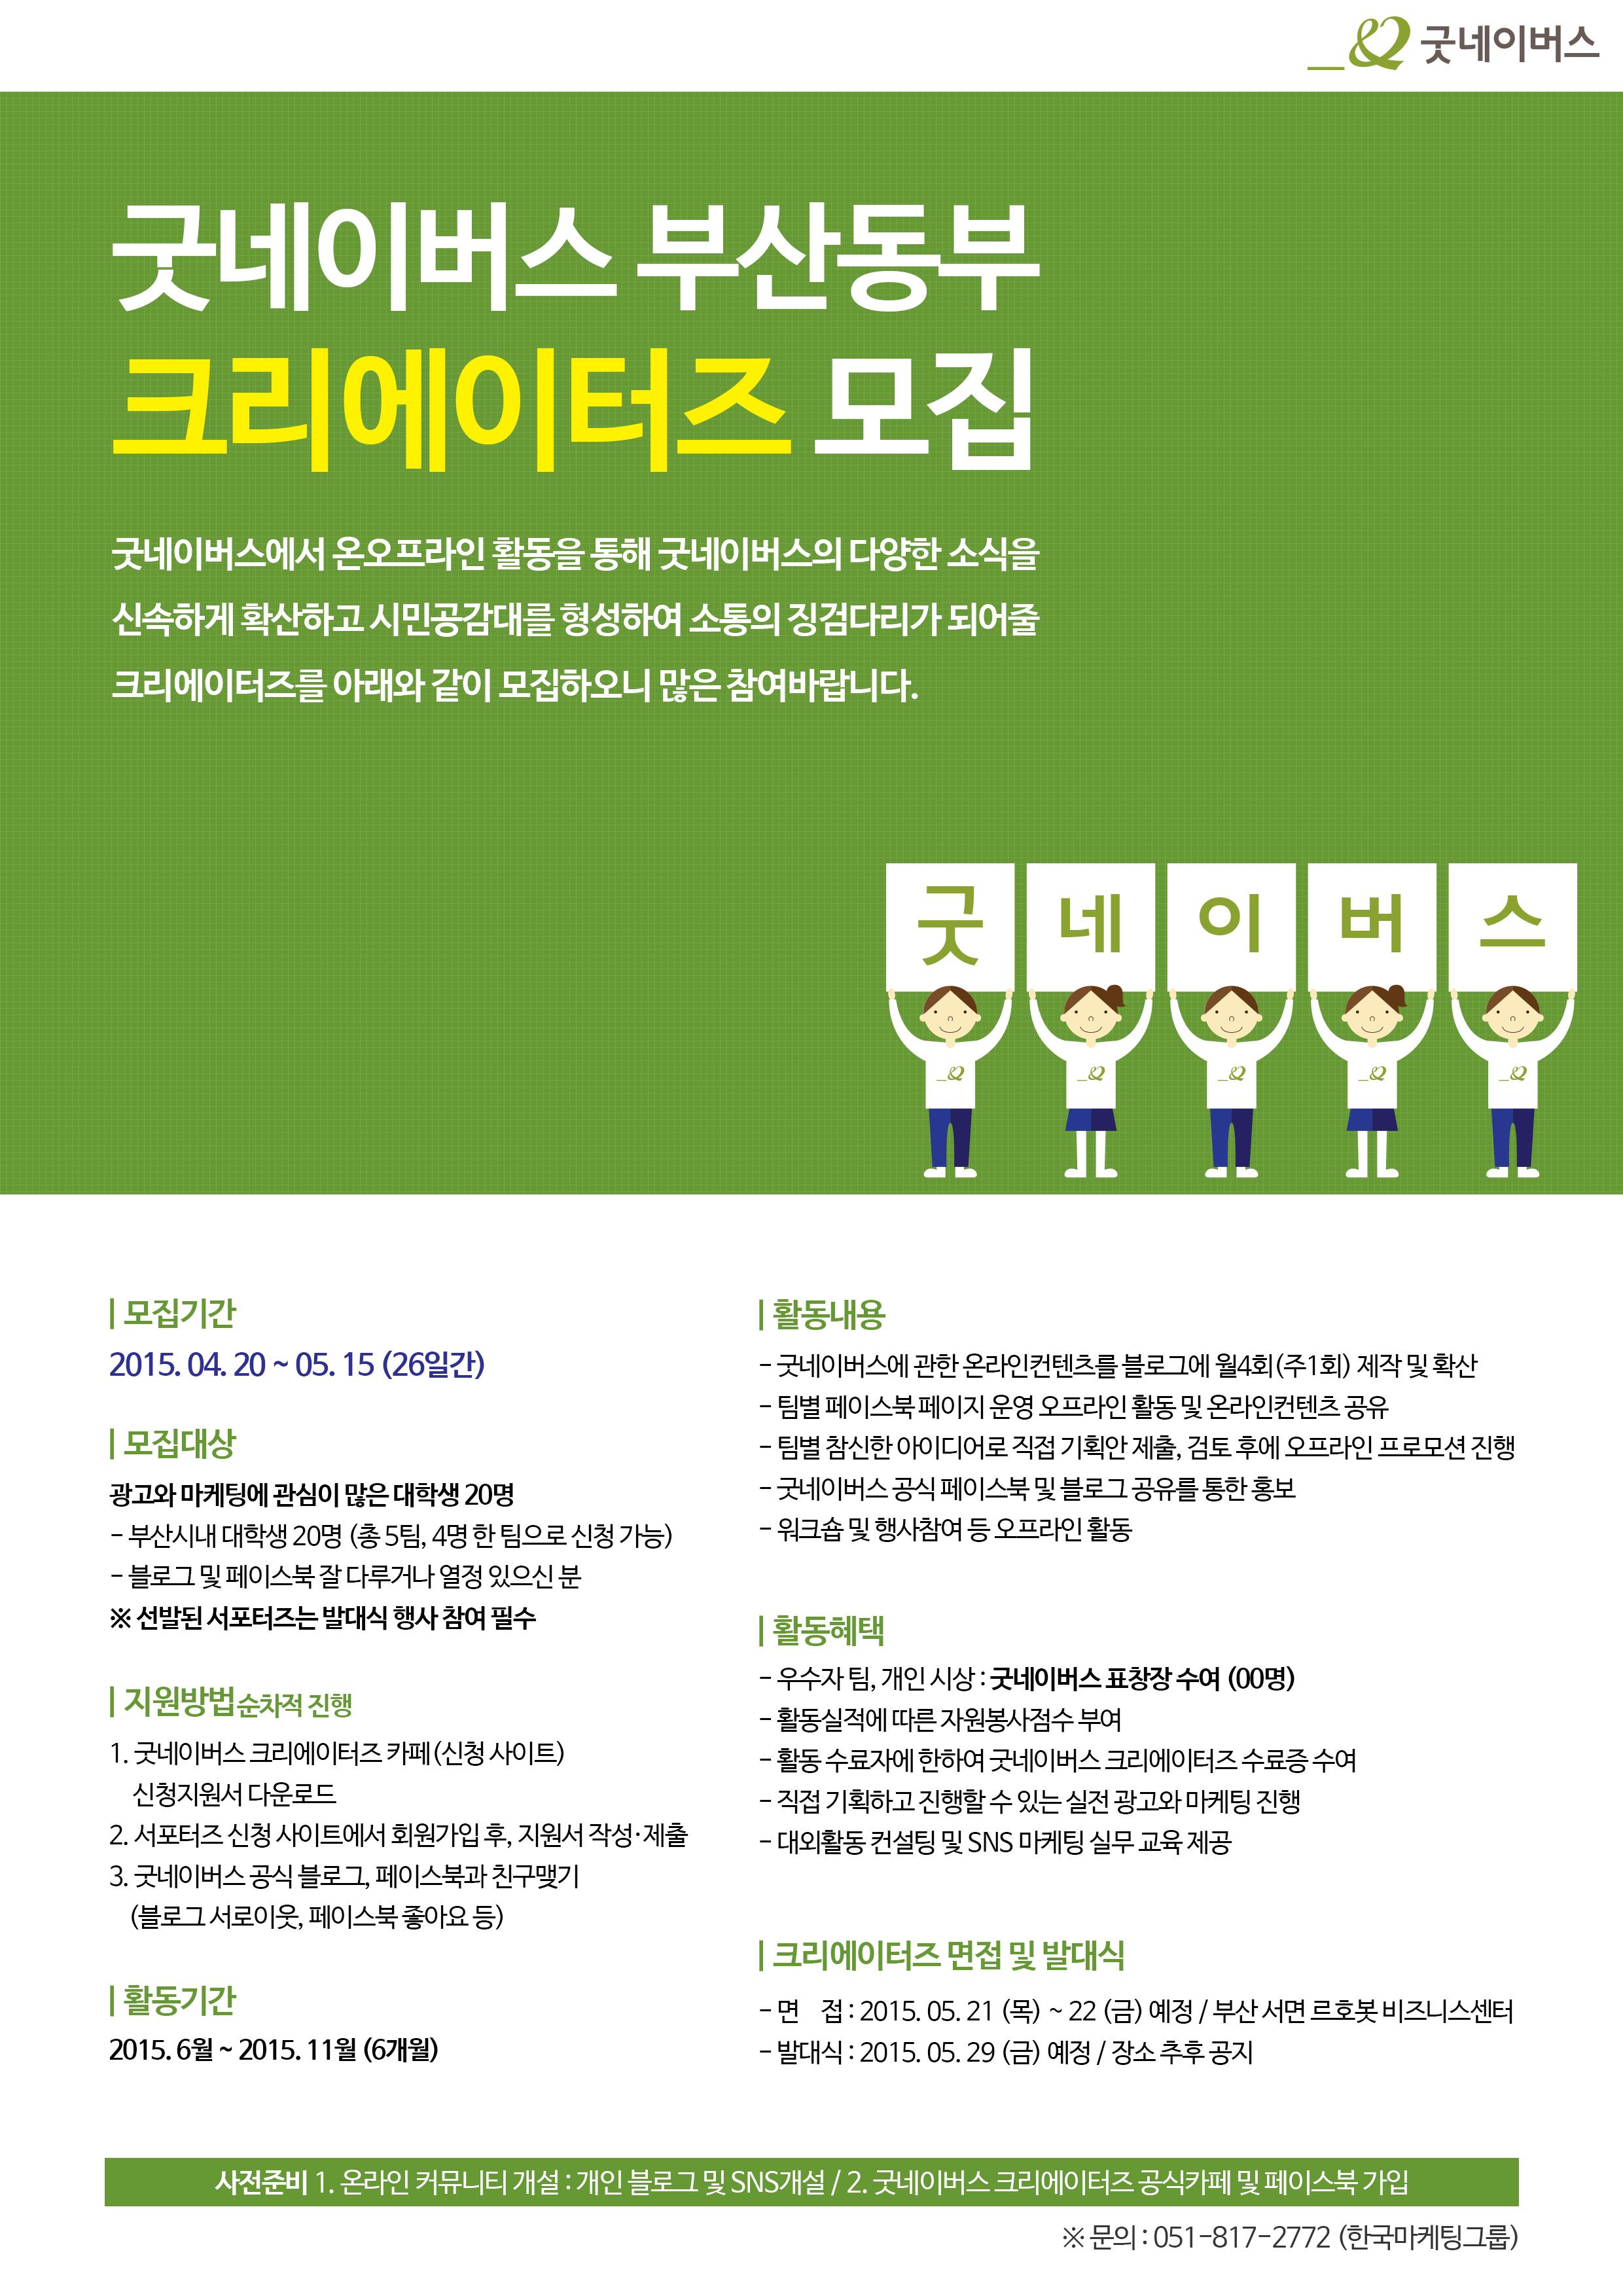 [굿네이버스 & 한국마케팅그룹] 대학생 크리에이터즈